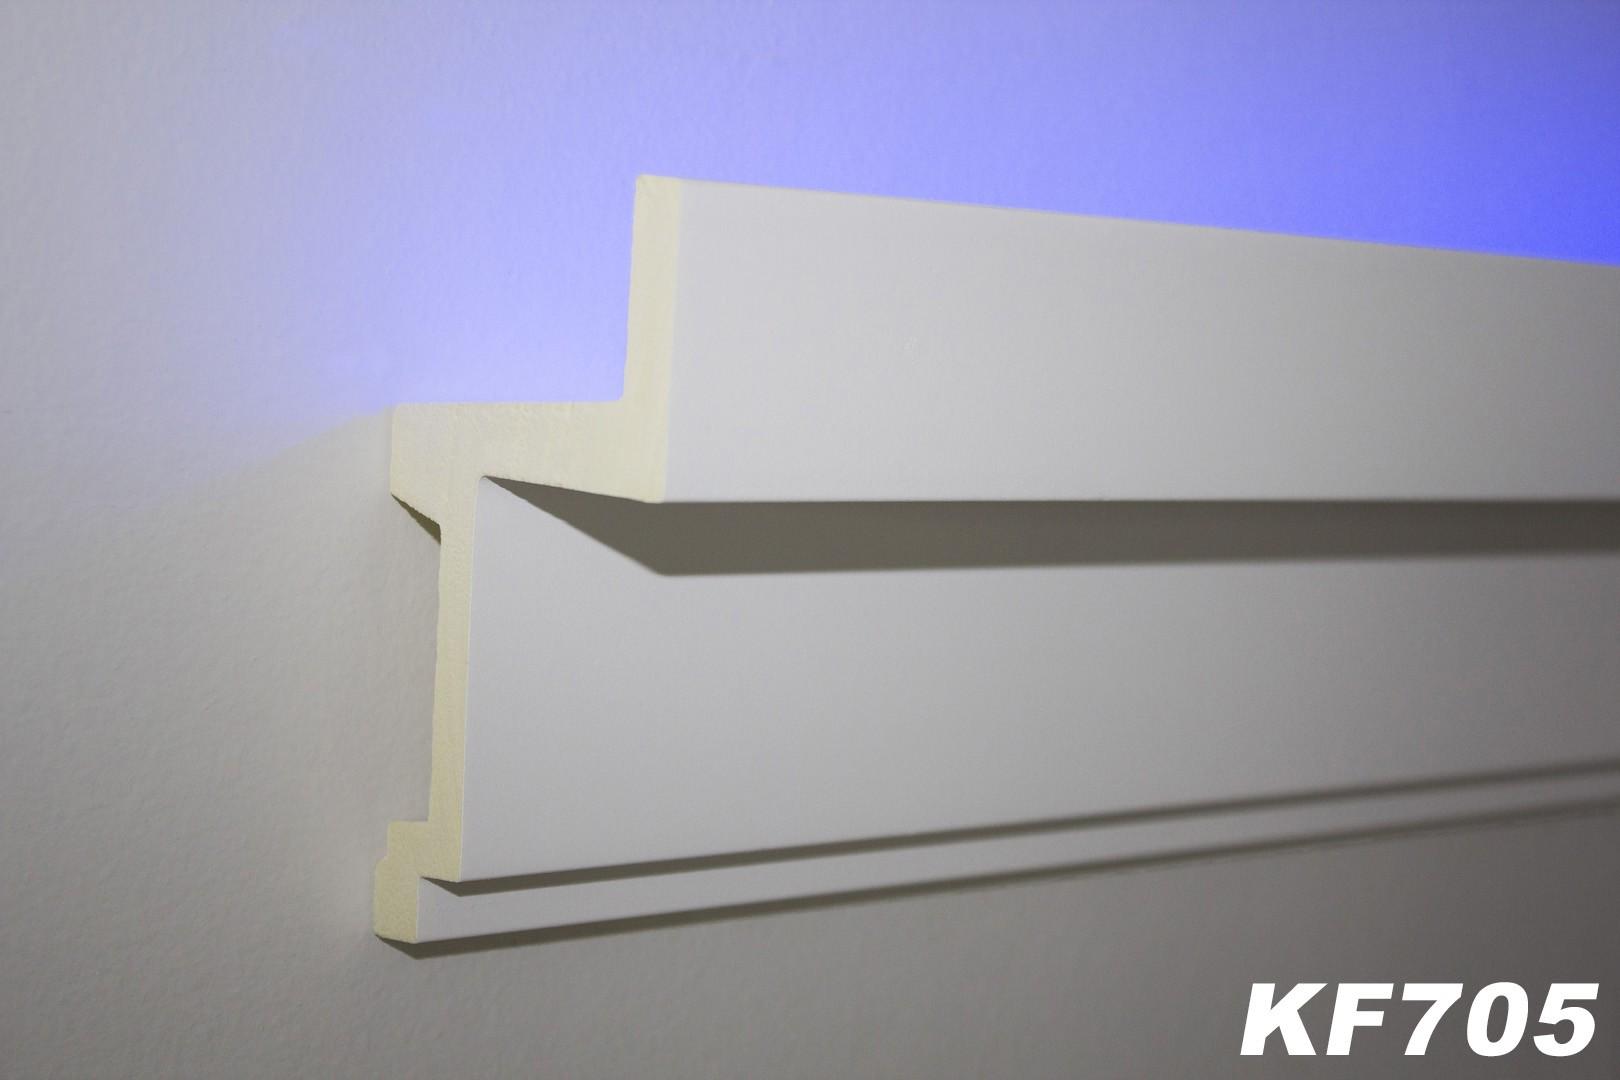 Kf705 originalbild